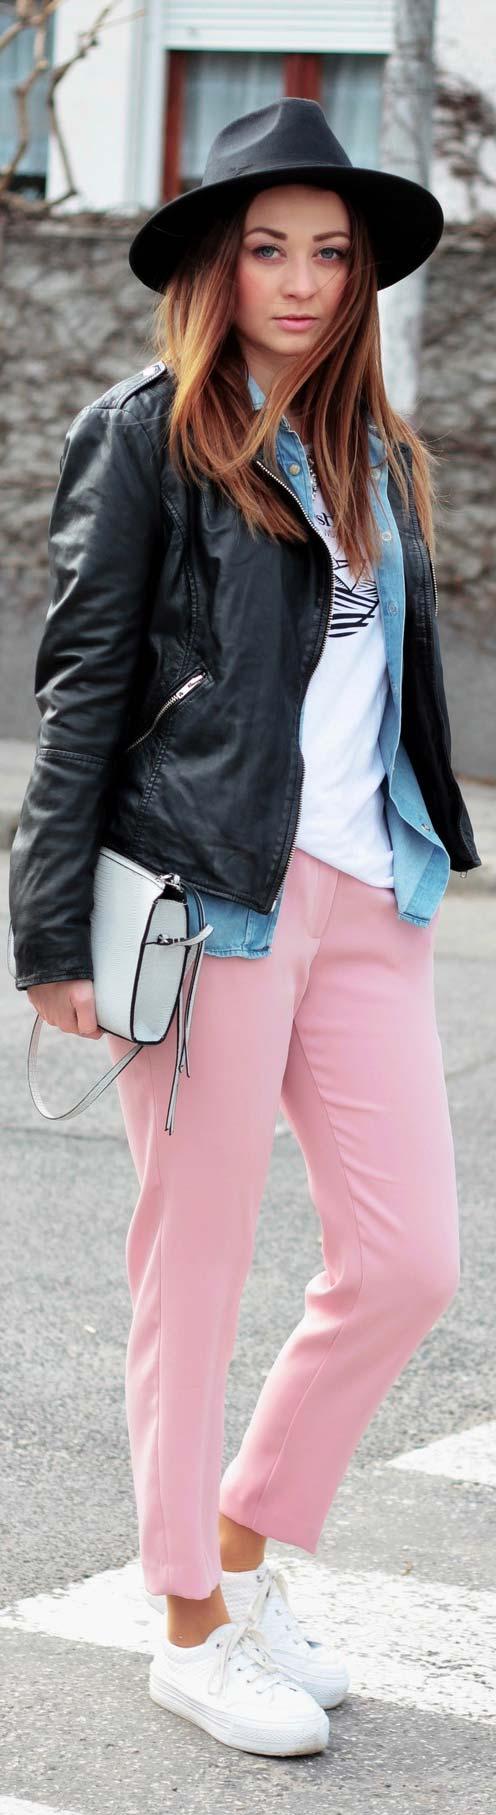 Enkel och avslappnad outfit för våren